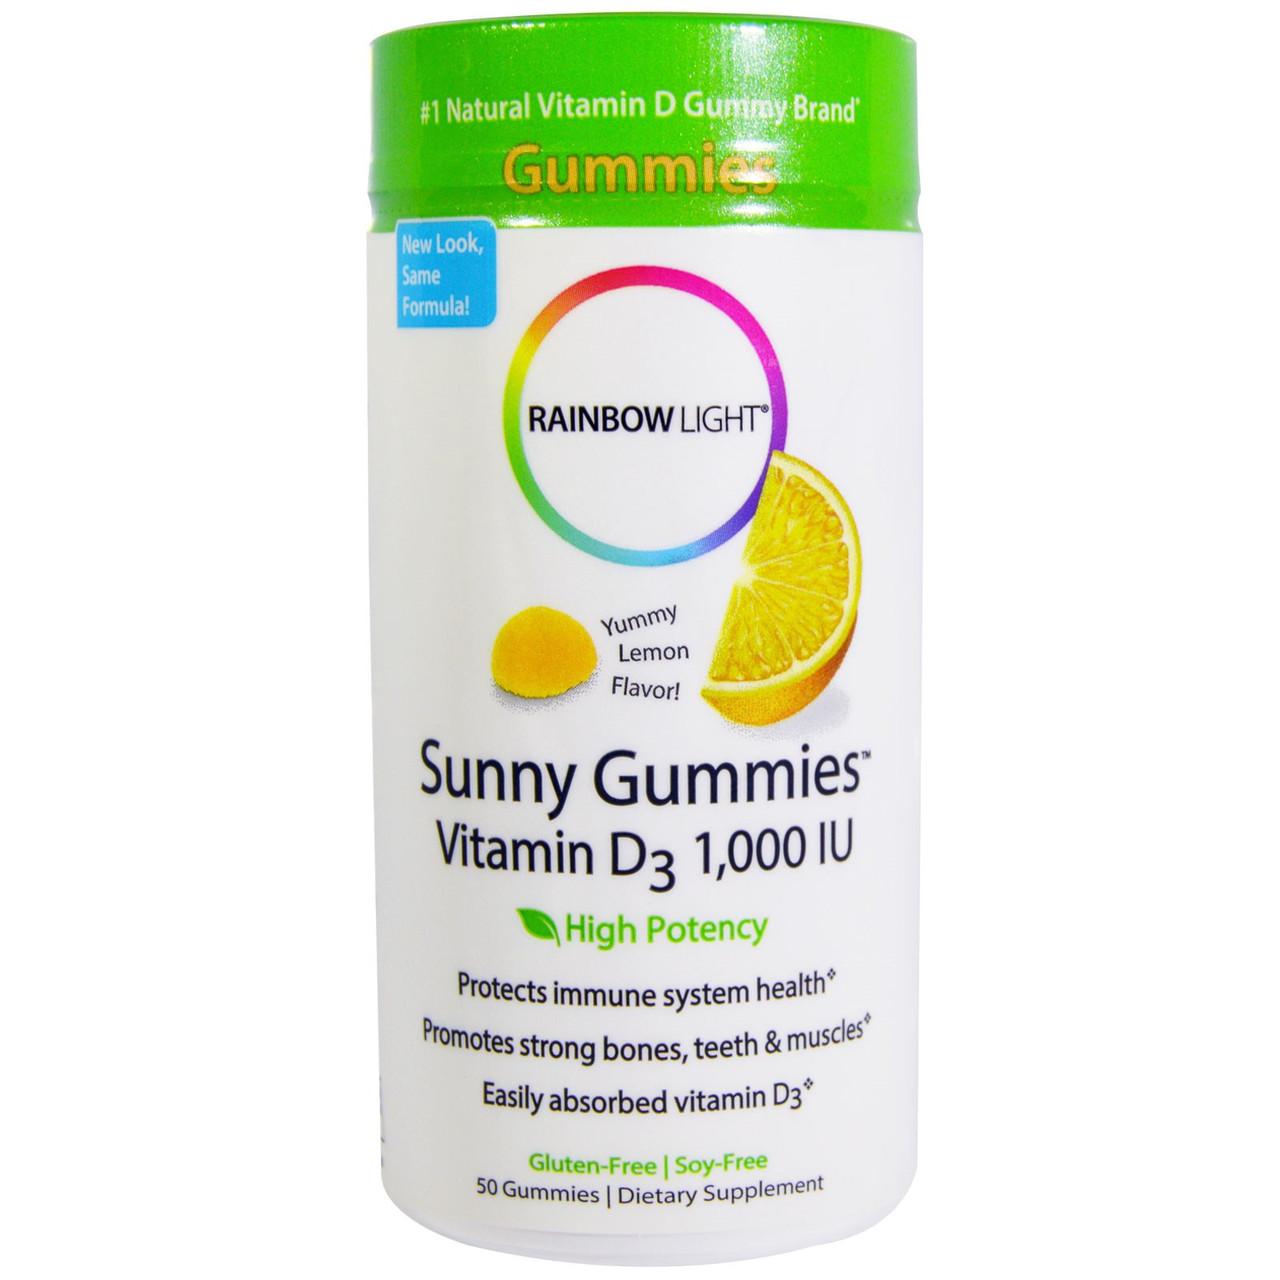 Витамин D-3 для укрепления костей и мышц, лимонные мармеладки, Rainbow light, 50 таблеток